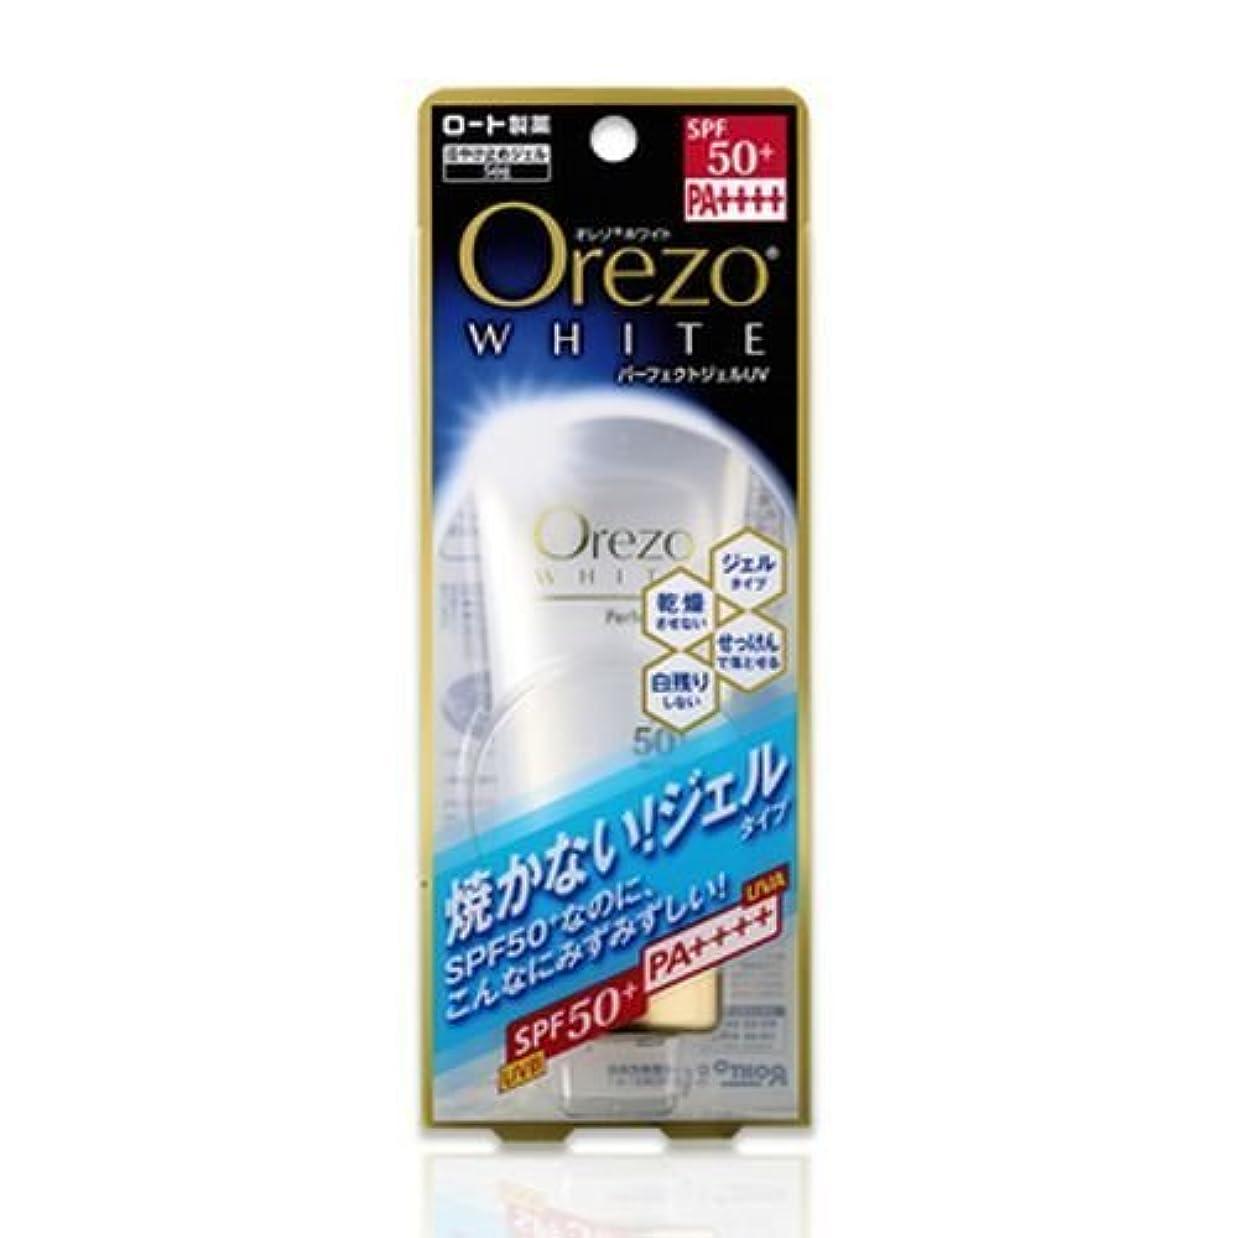 平方驚いた問い合わせロート製薬 Orezo オレゾ ホワイト パーフェクトジェルUV 日やけ止めジェル 顔?からだ用 SPF50+ PA…